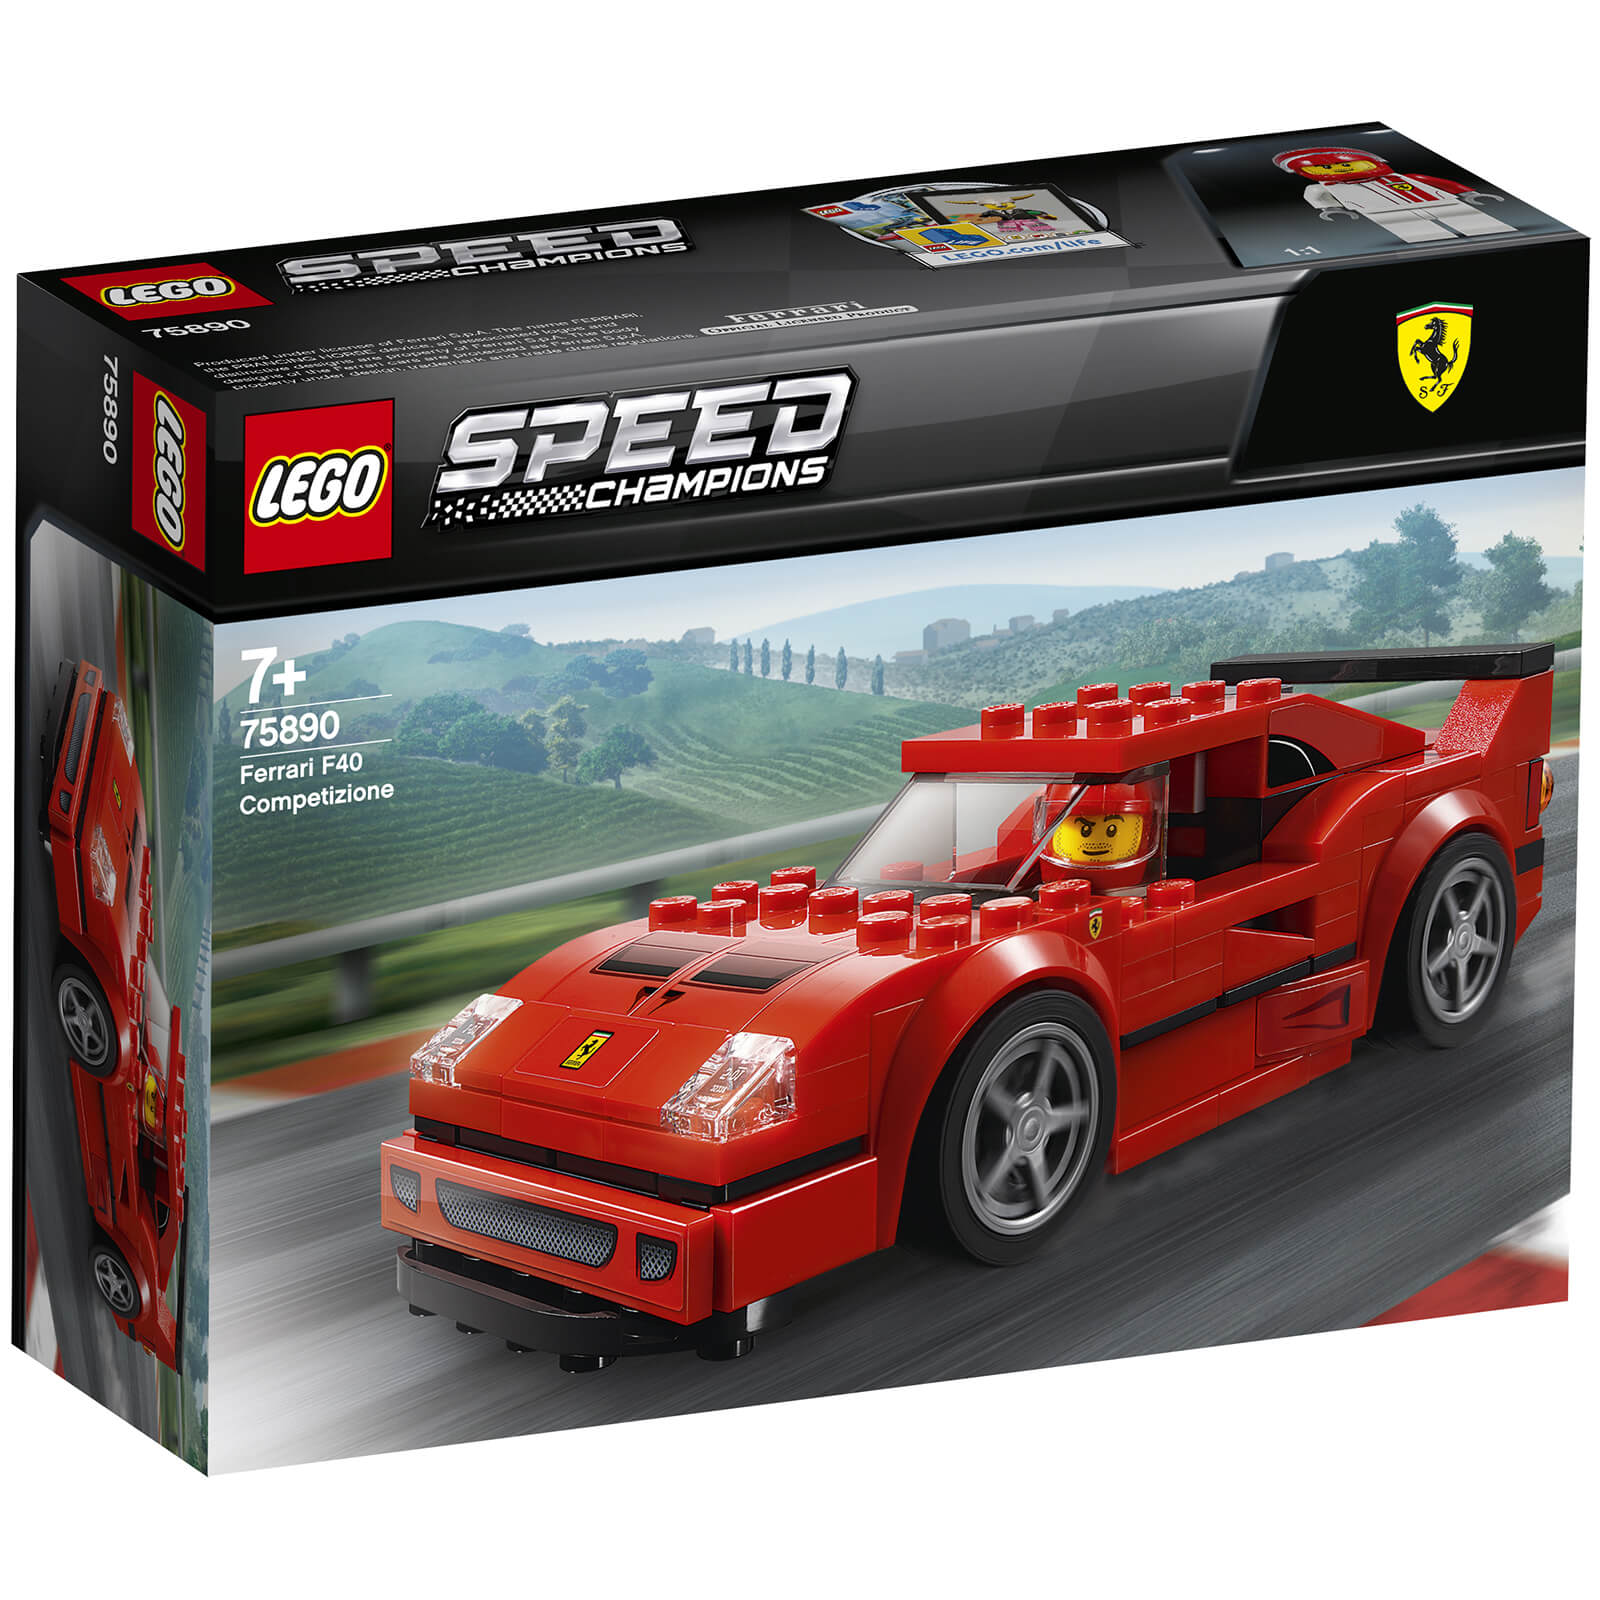 Image of 75890 LEGO® SPEED CHAMPIONS Competizione Ferrari F40